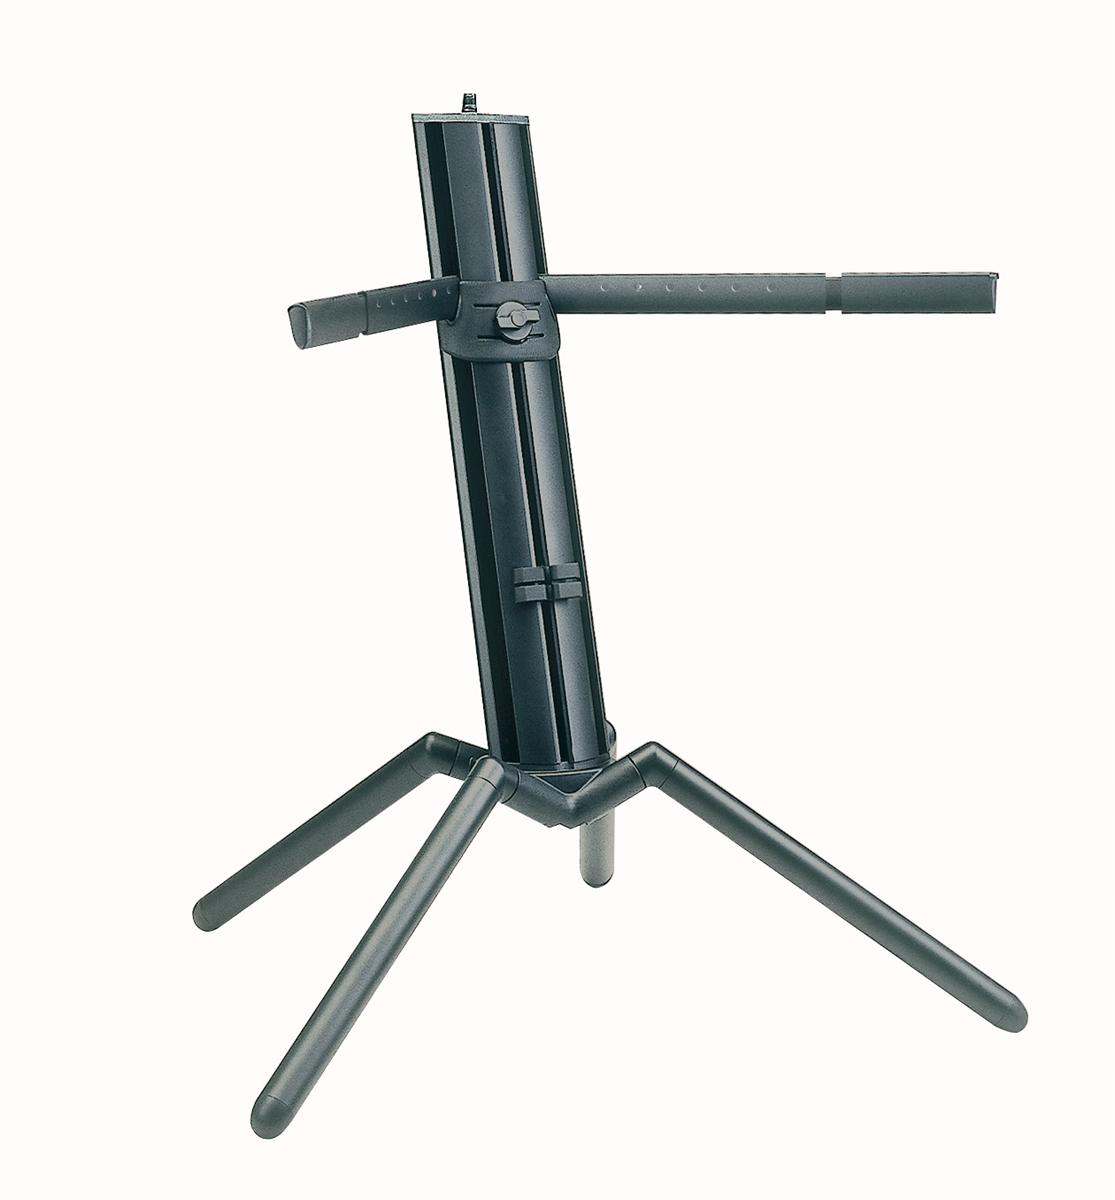 K&M 18840-000-35 Keyboard Stand Baby Spider Pro Alu 18840 Zwart